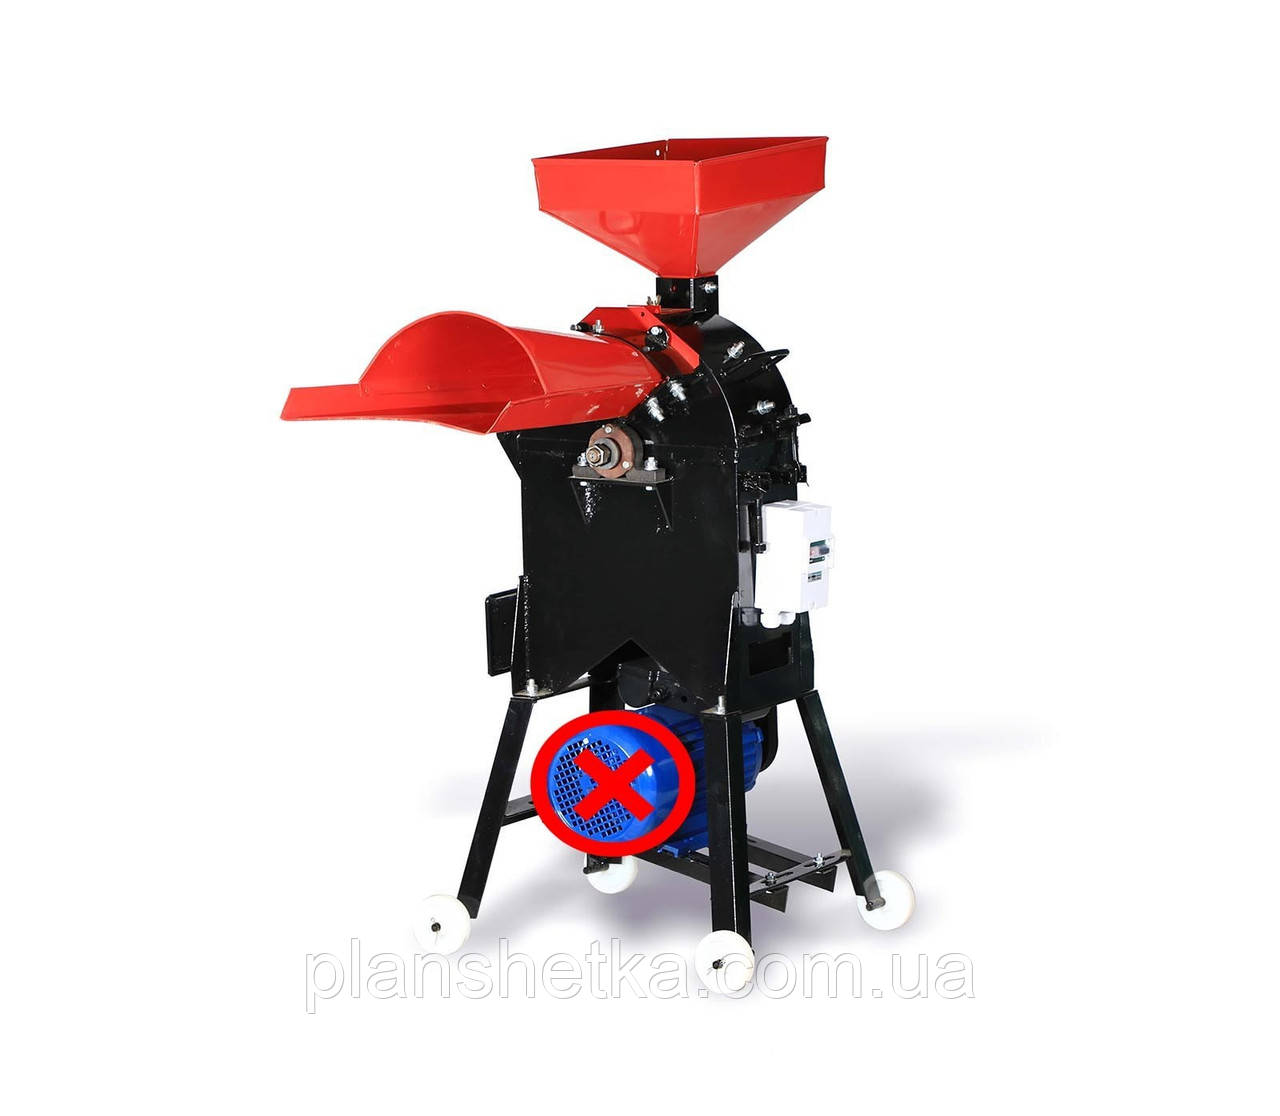 Подрібнювач кормів (зернодробарки, ДКУ) Tehnomur MS-30A (без мотора)